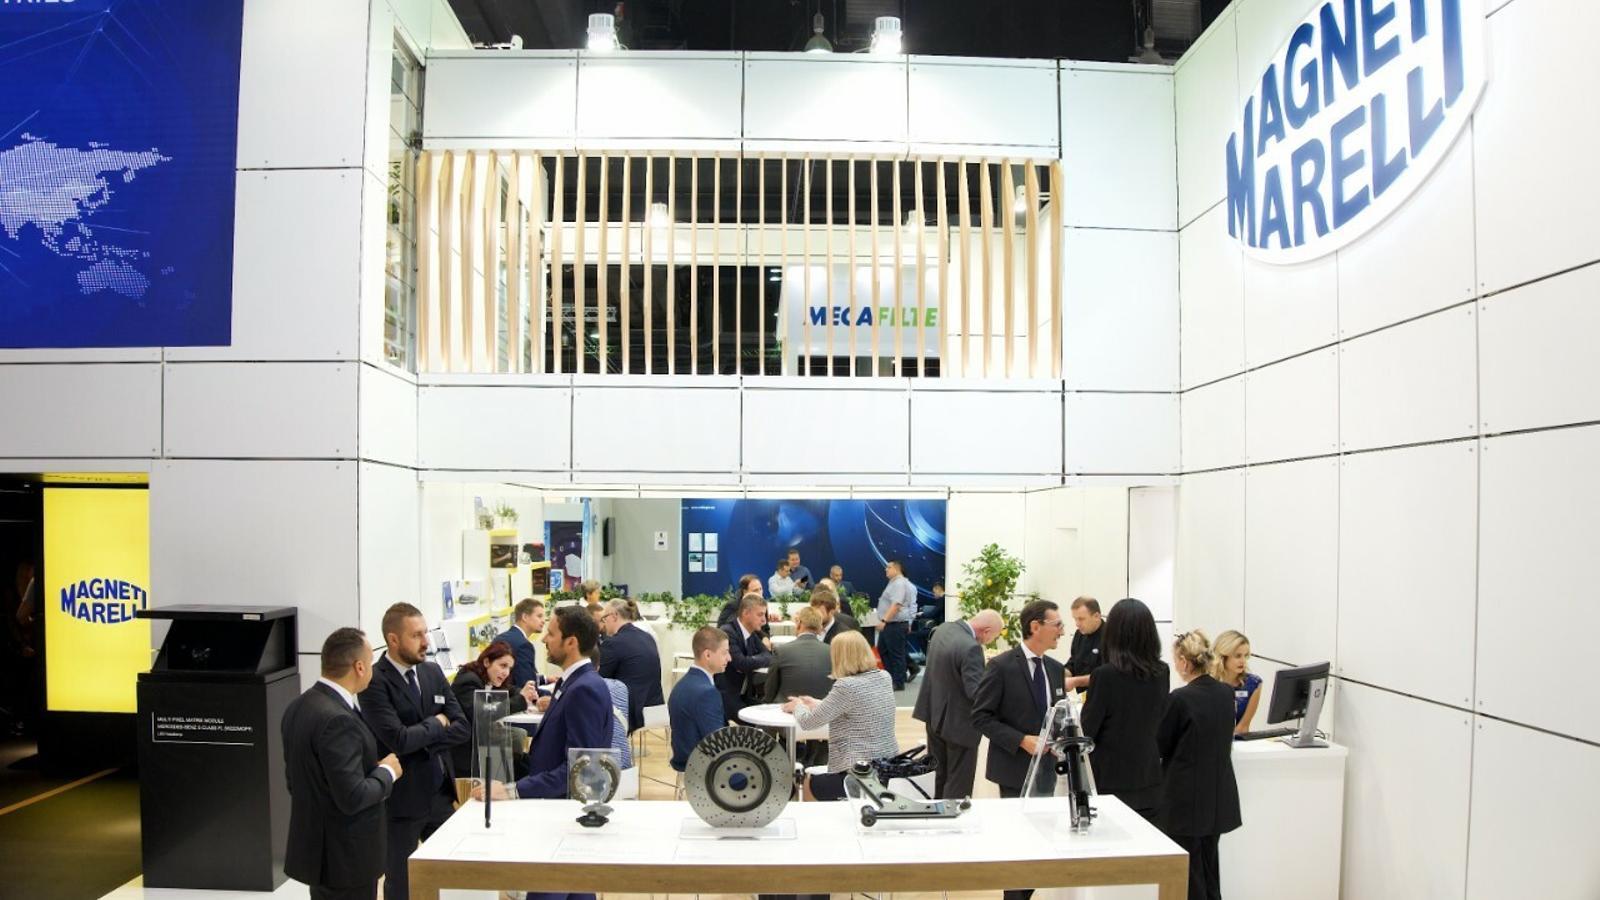 L'estand de Magneti Marelli en una fira a Frankfurt